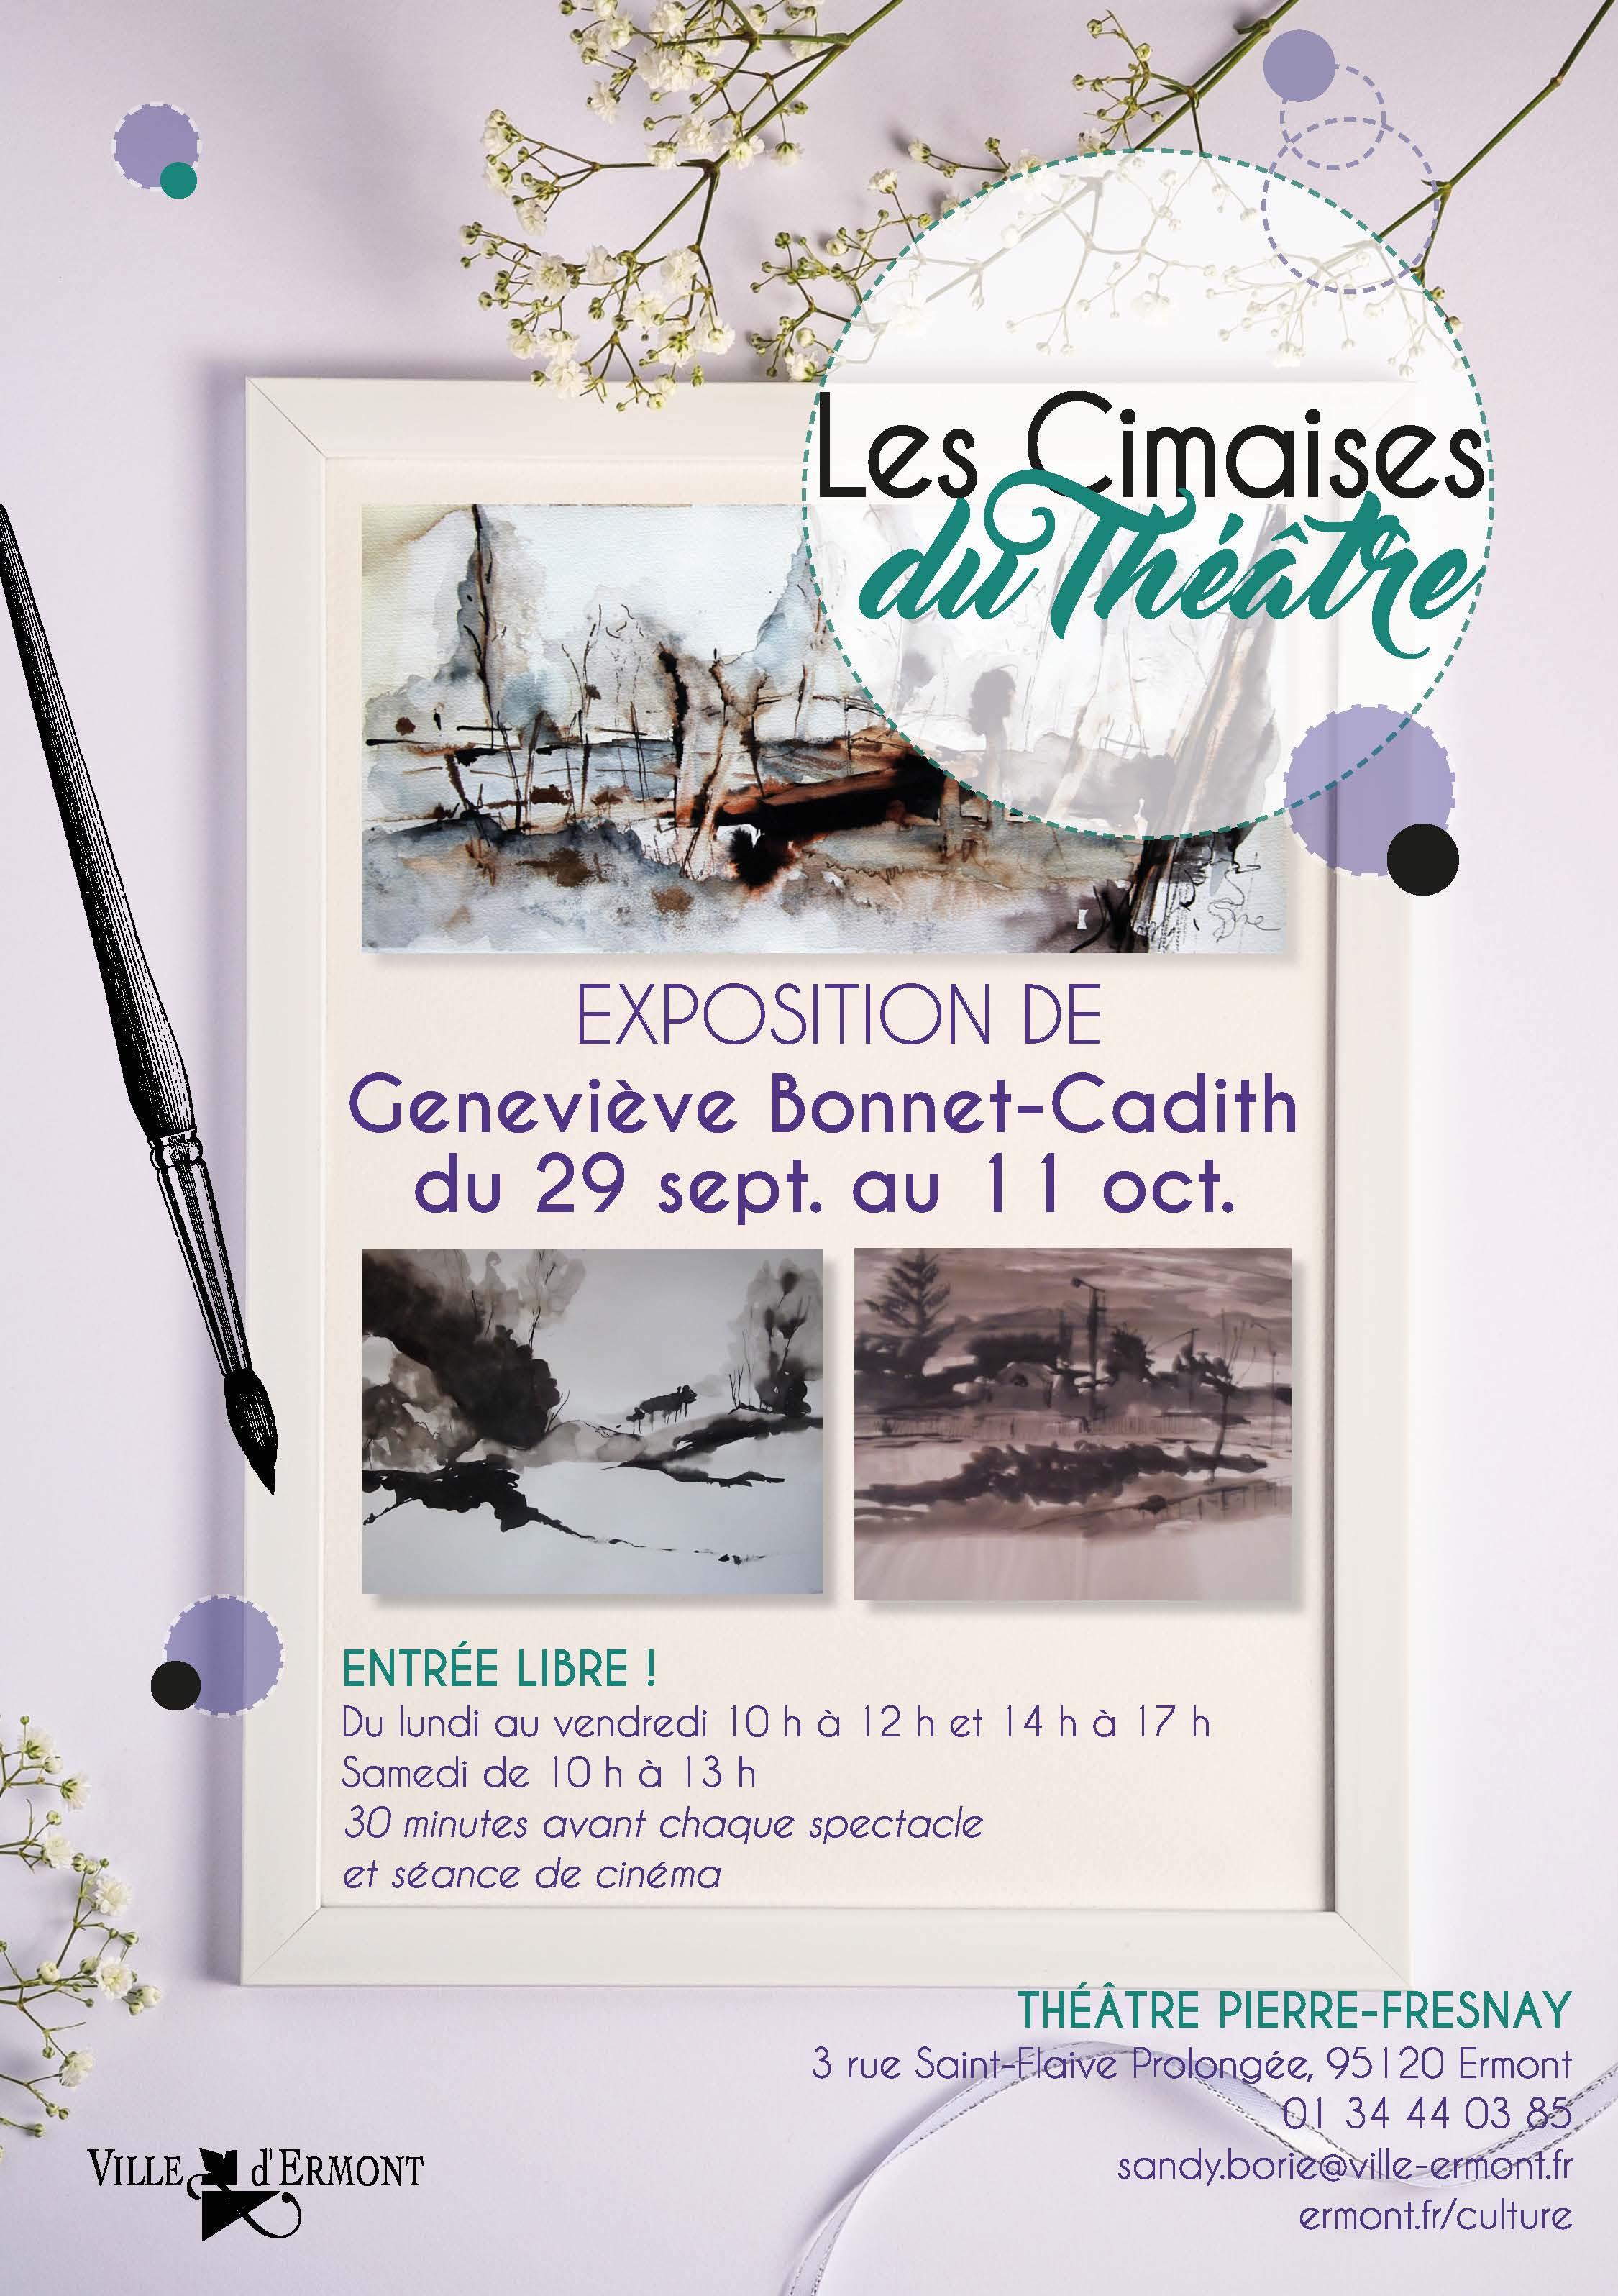 Peintures de Geneviève Bonnet-Cadith